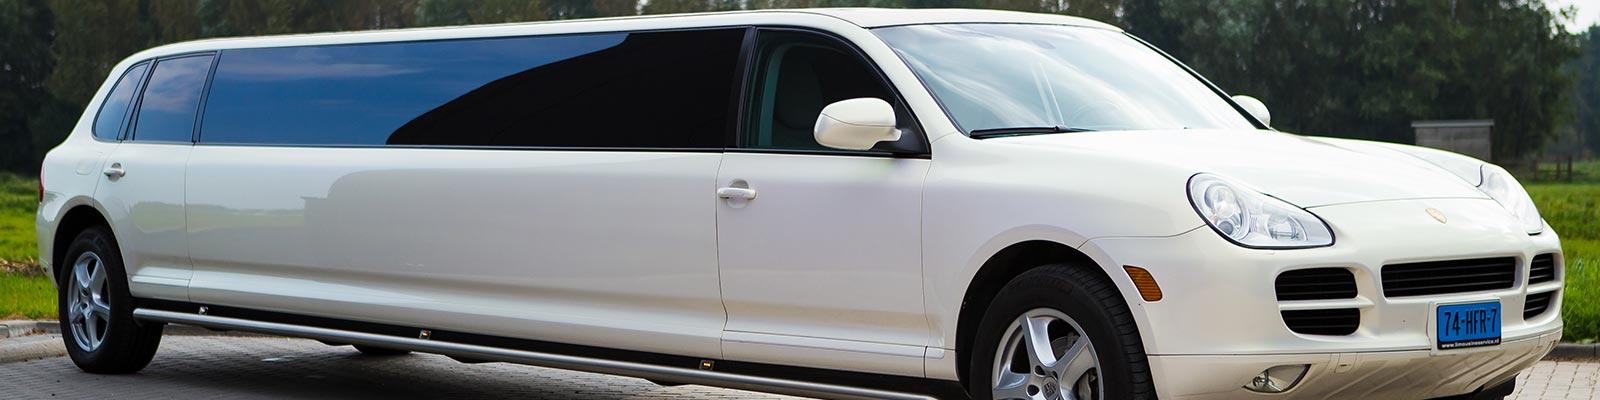 Porsche limousine - Header